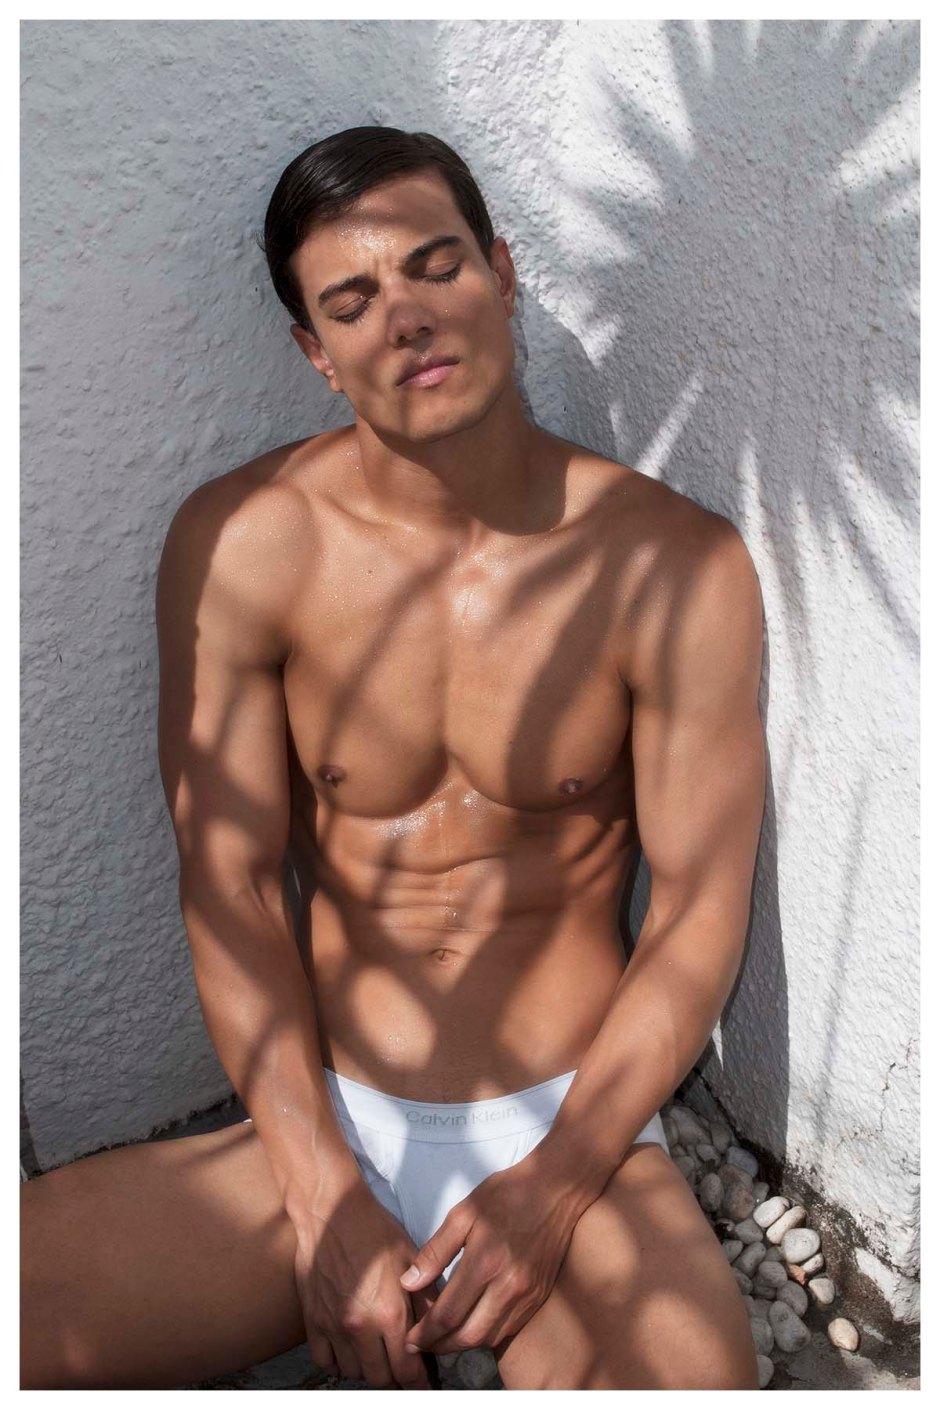 Sulevan Araujo by Rodrigo Moura for Brazilian Male Model_013